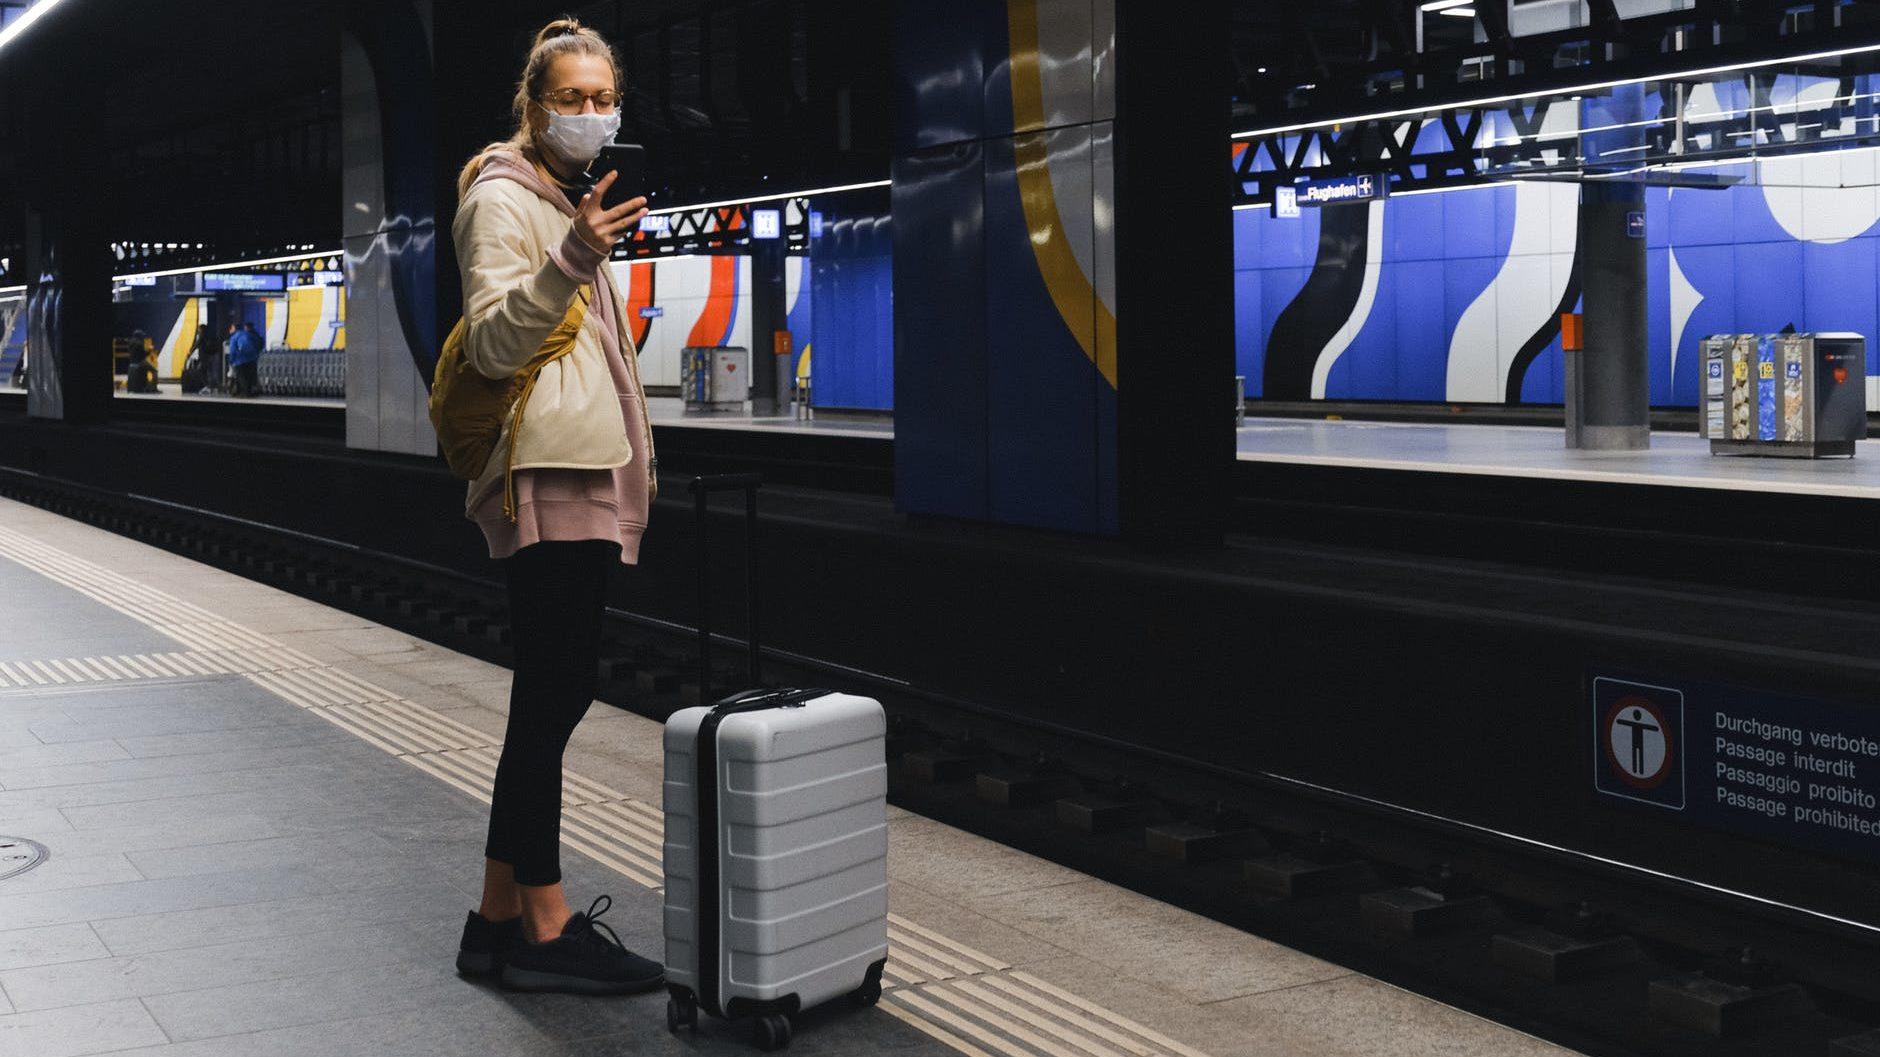 Transports et confinement : les dernières actualités - Okarito